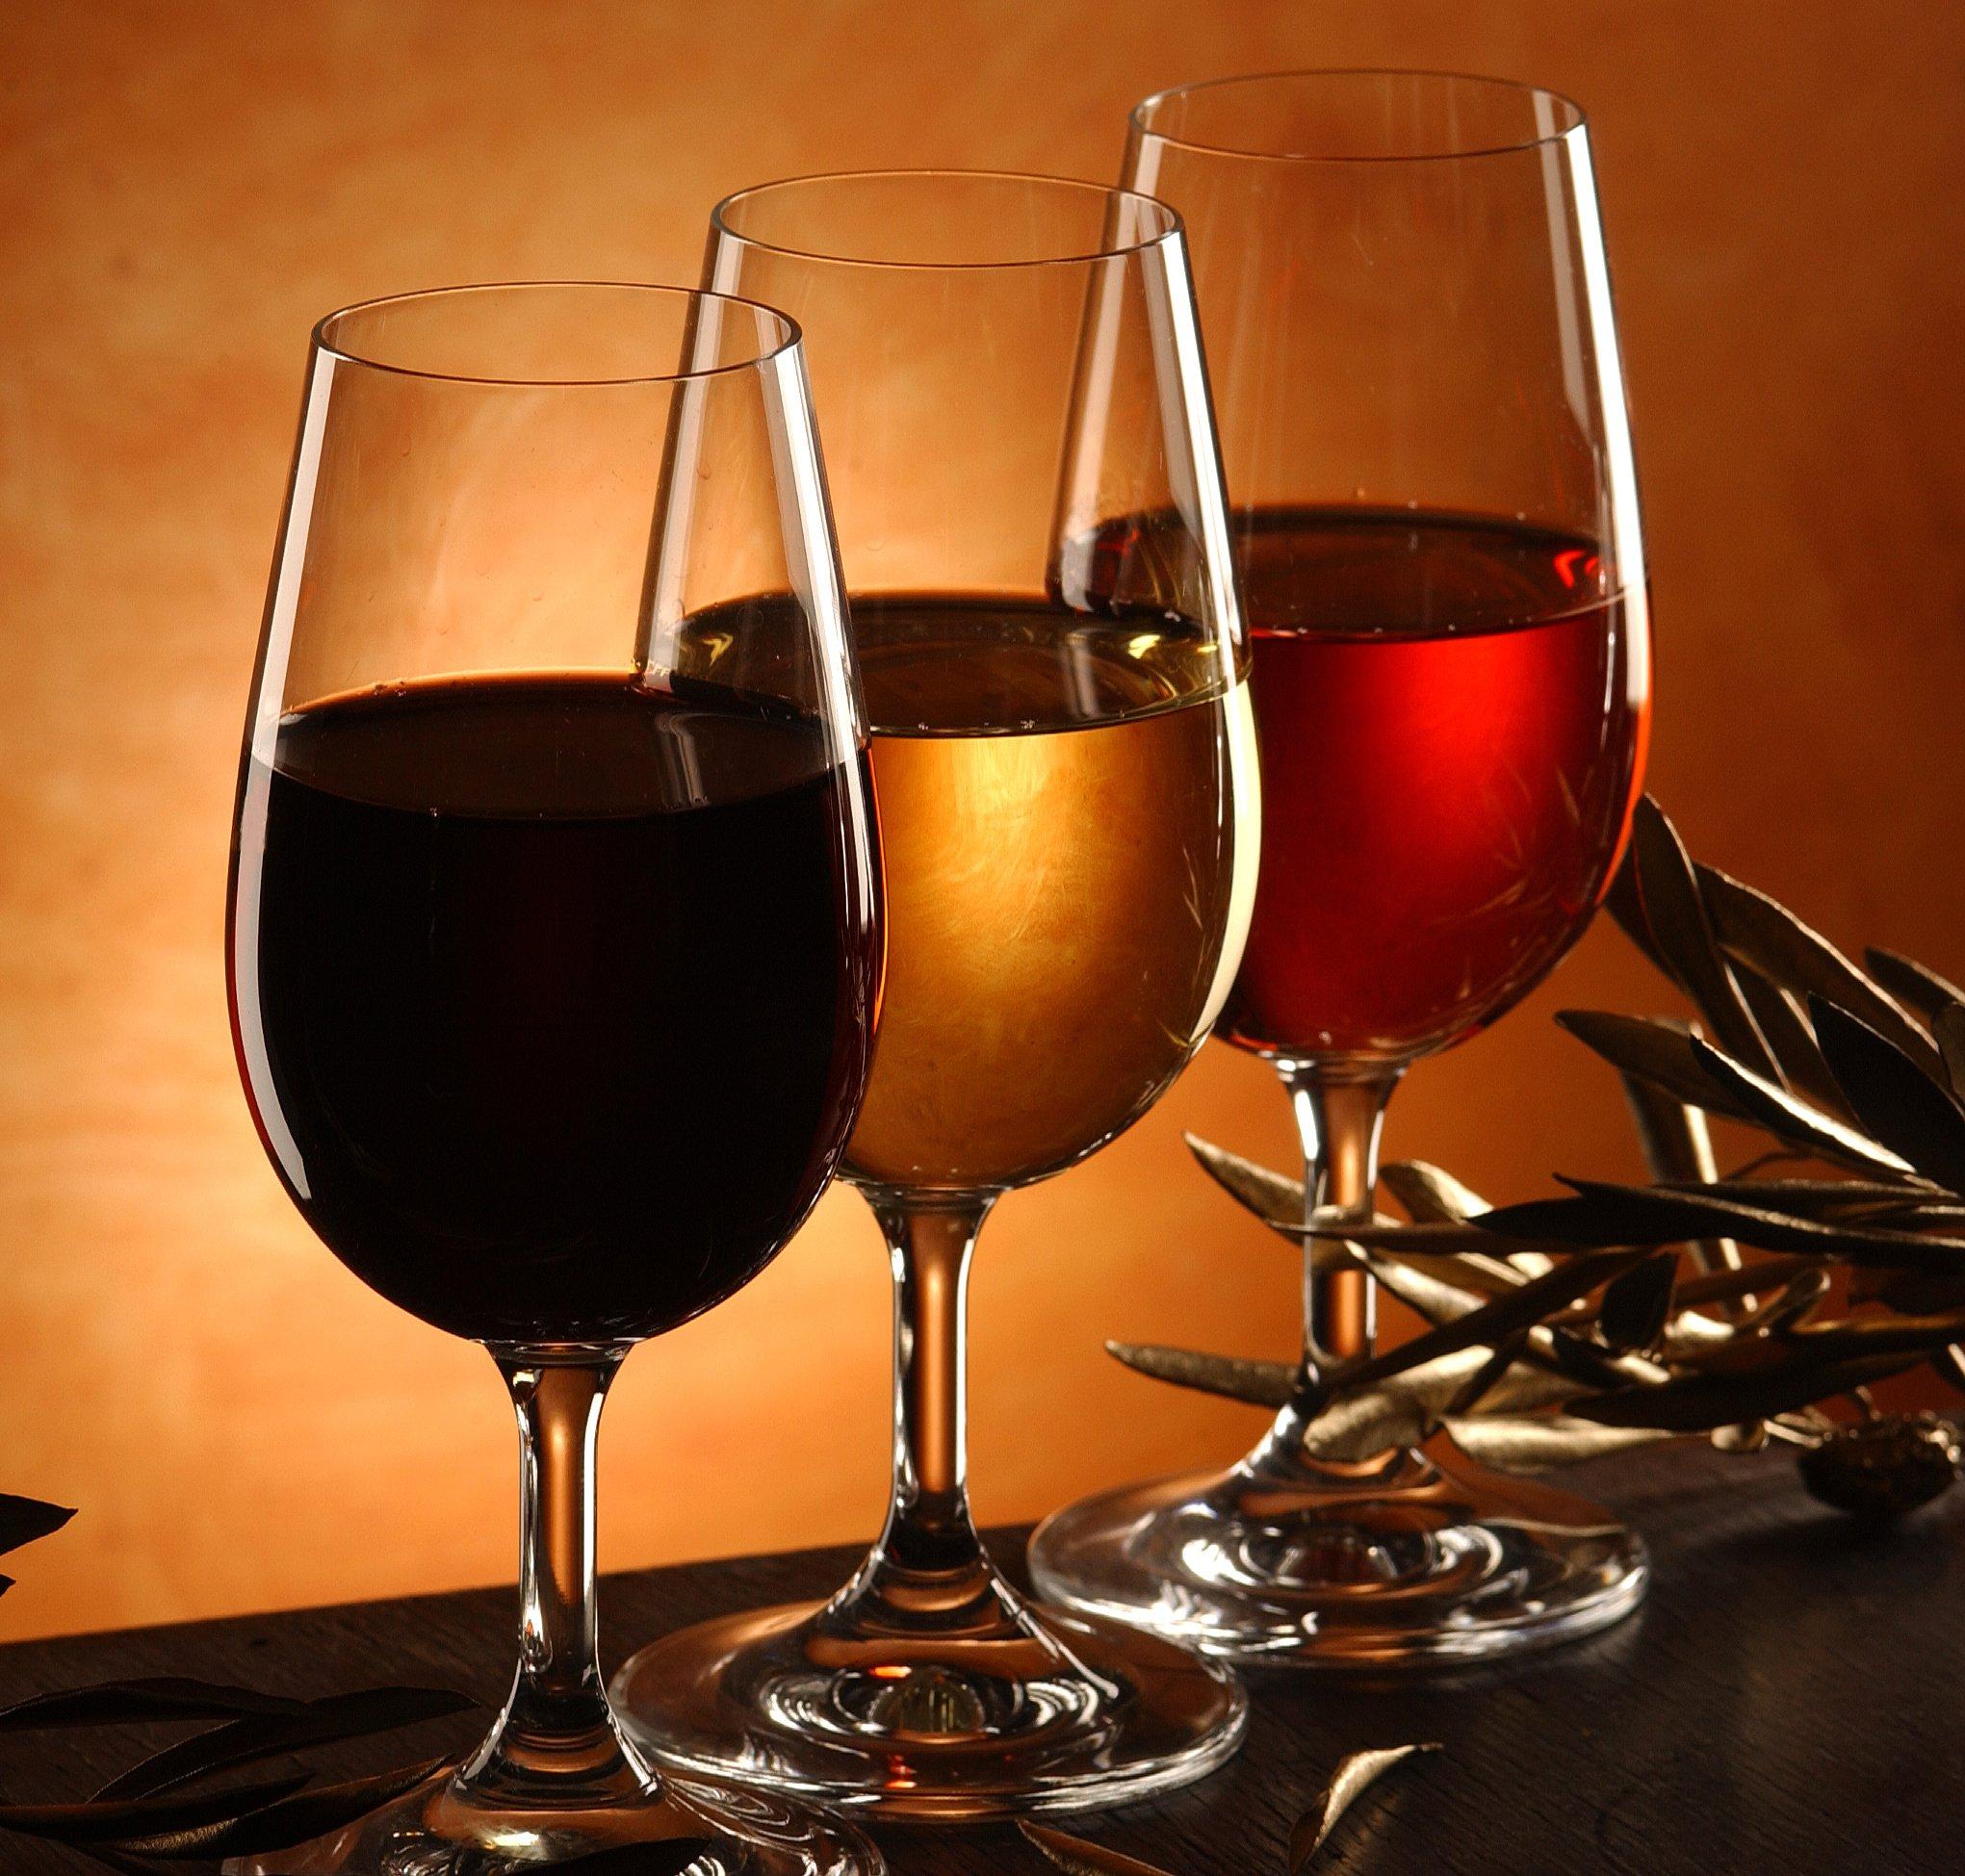 Verre vins rouge rosé blanc